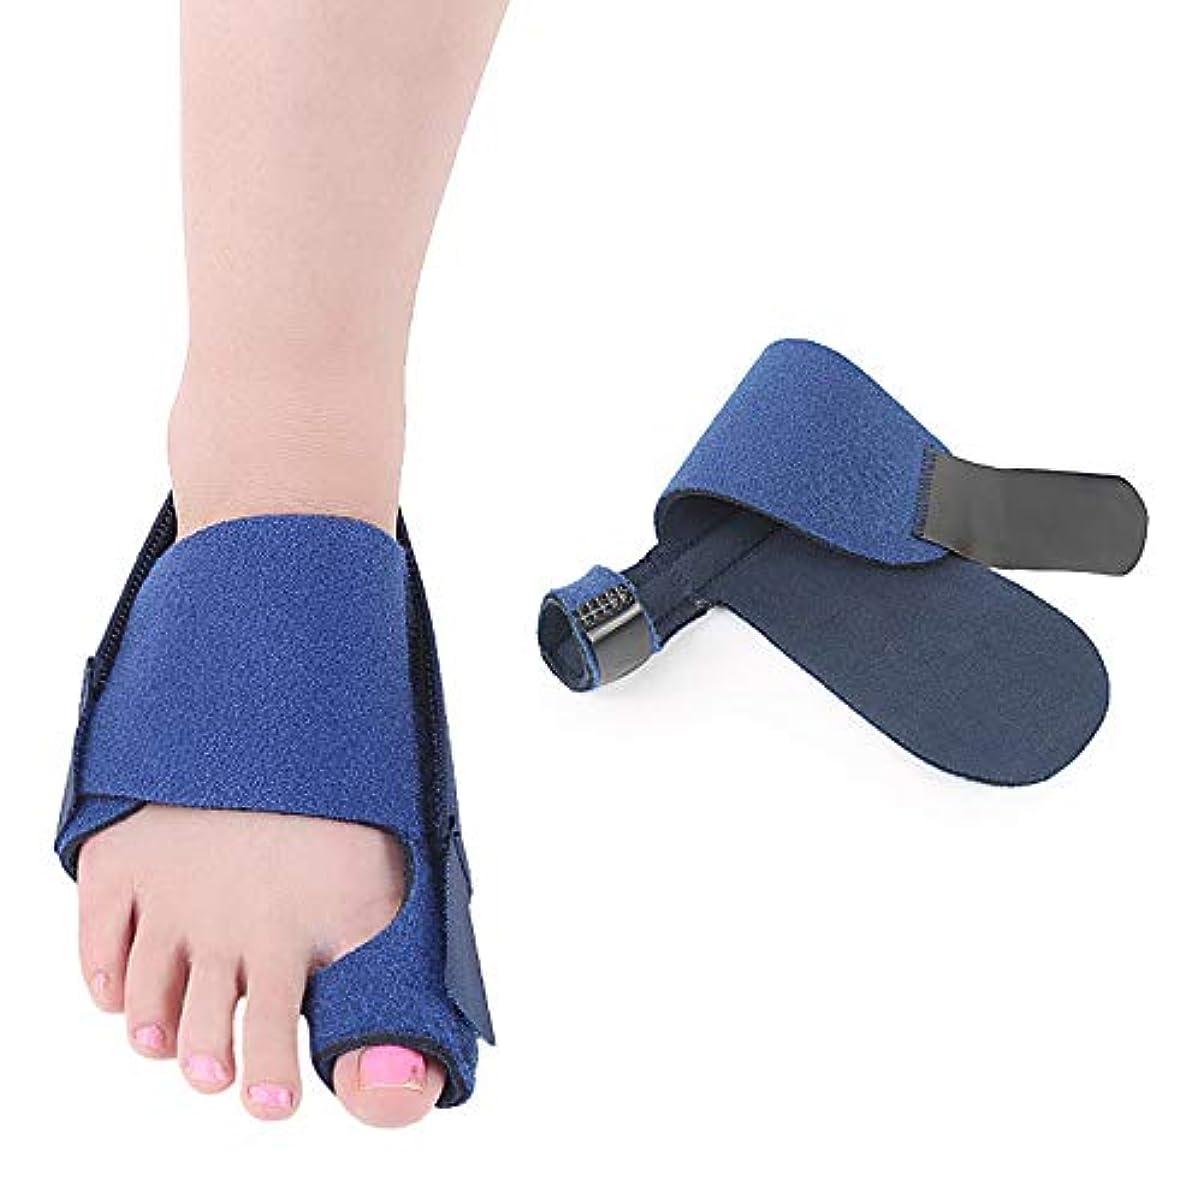 些細負荷望む外反母趾足指セパレーターは足指重複嚢胞通気性吸収汗ワンサイズを防止し、ヨガ後の痛みと変形を軽減,RightFoot